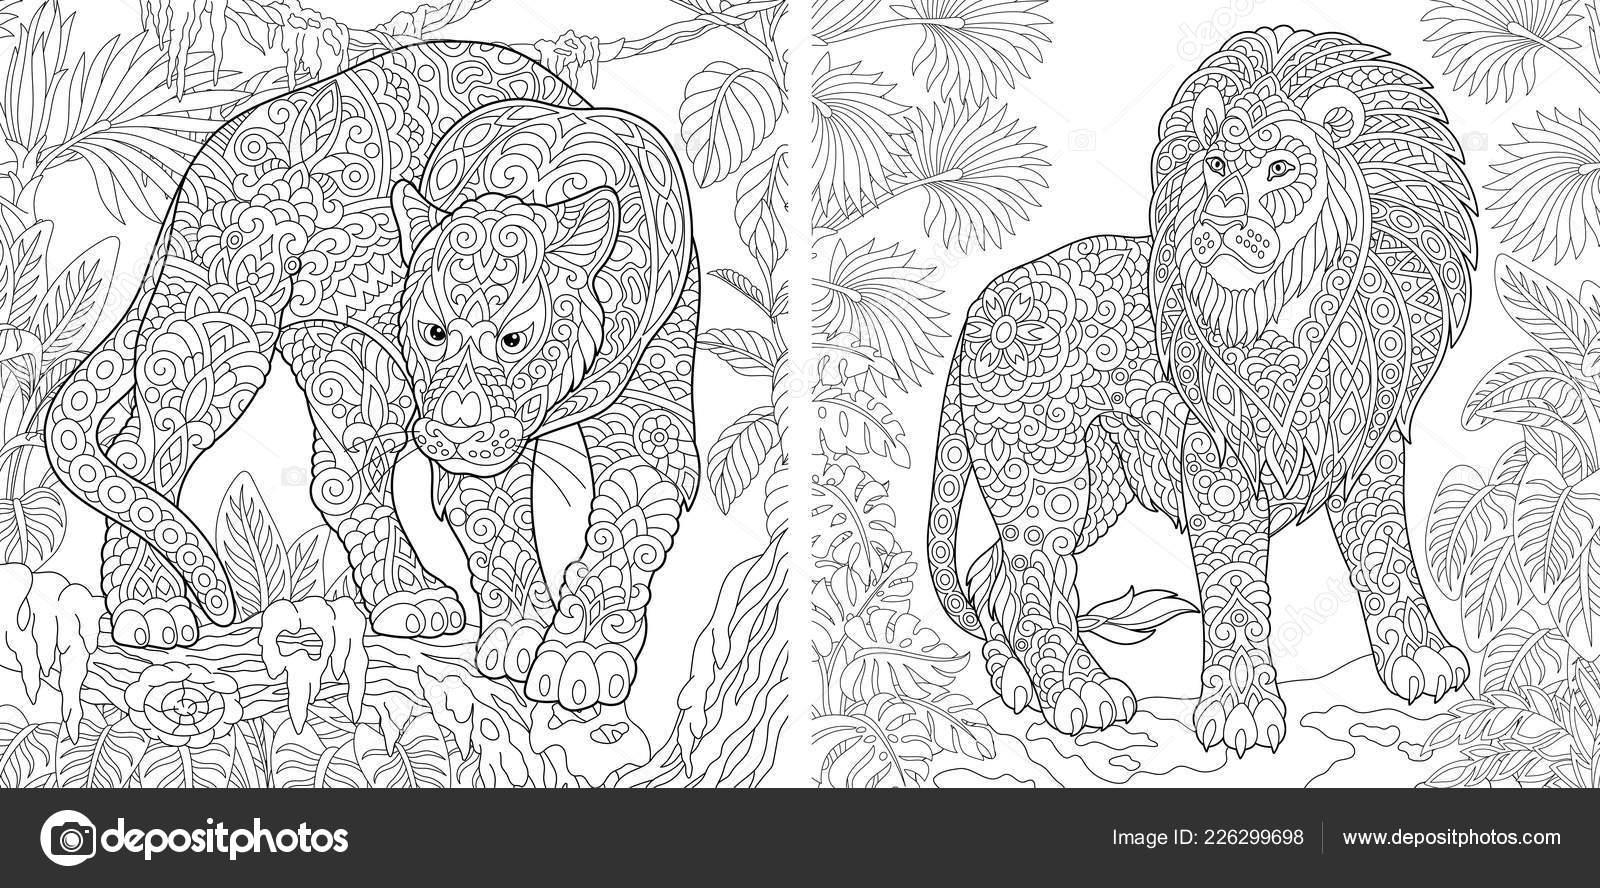 Malvorlagen Malbuch Für Erwachsene Ausmalbilder Mit Panther